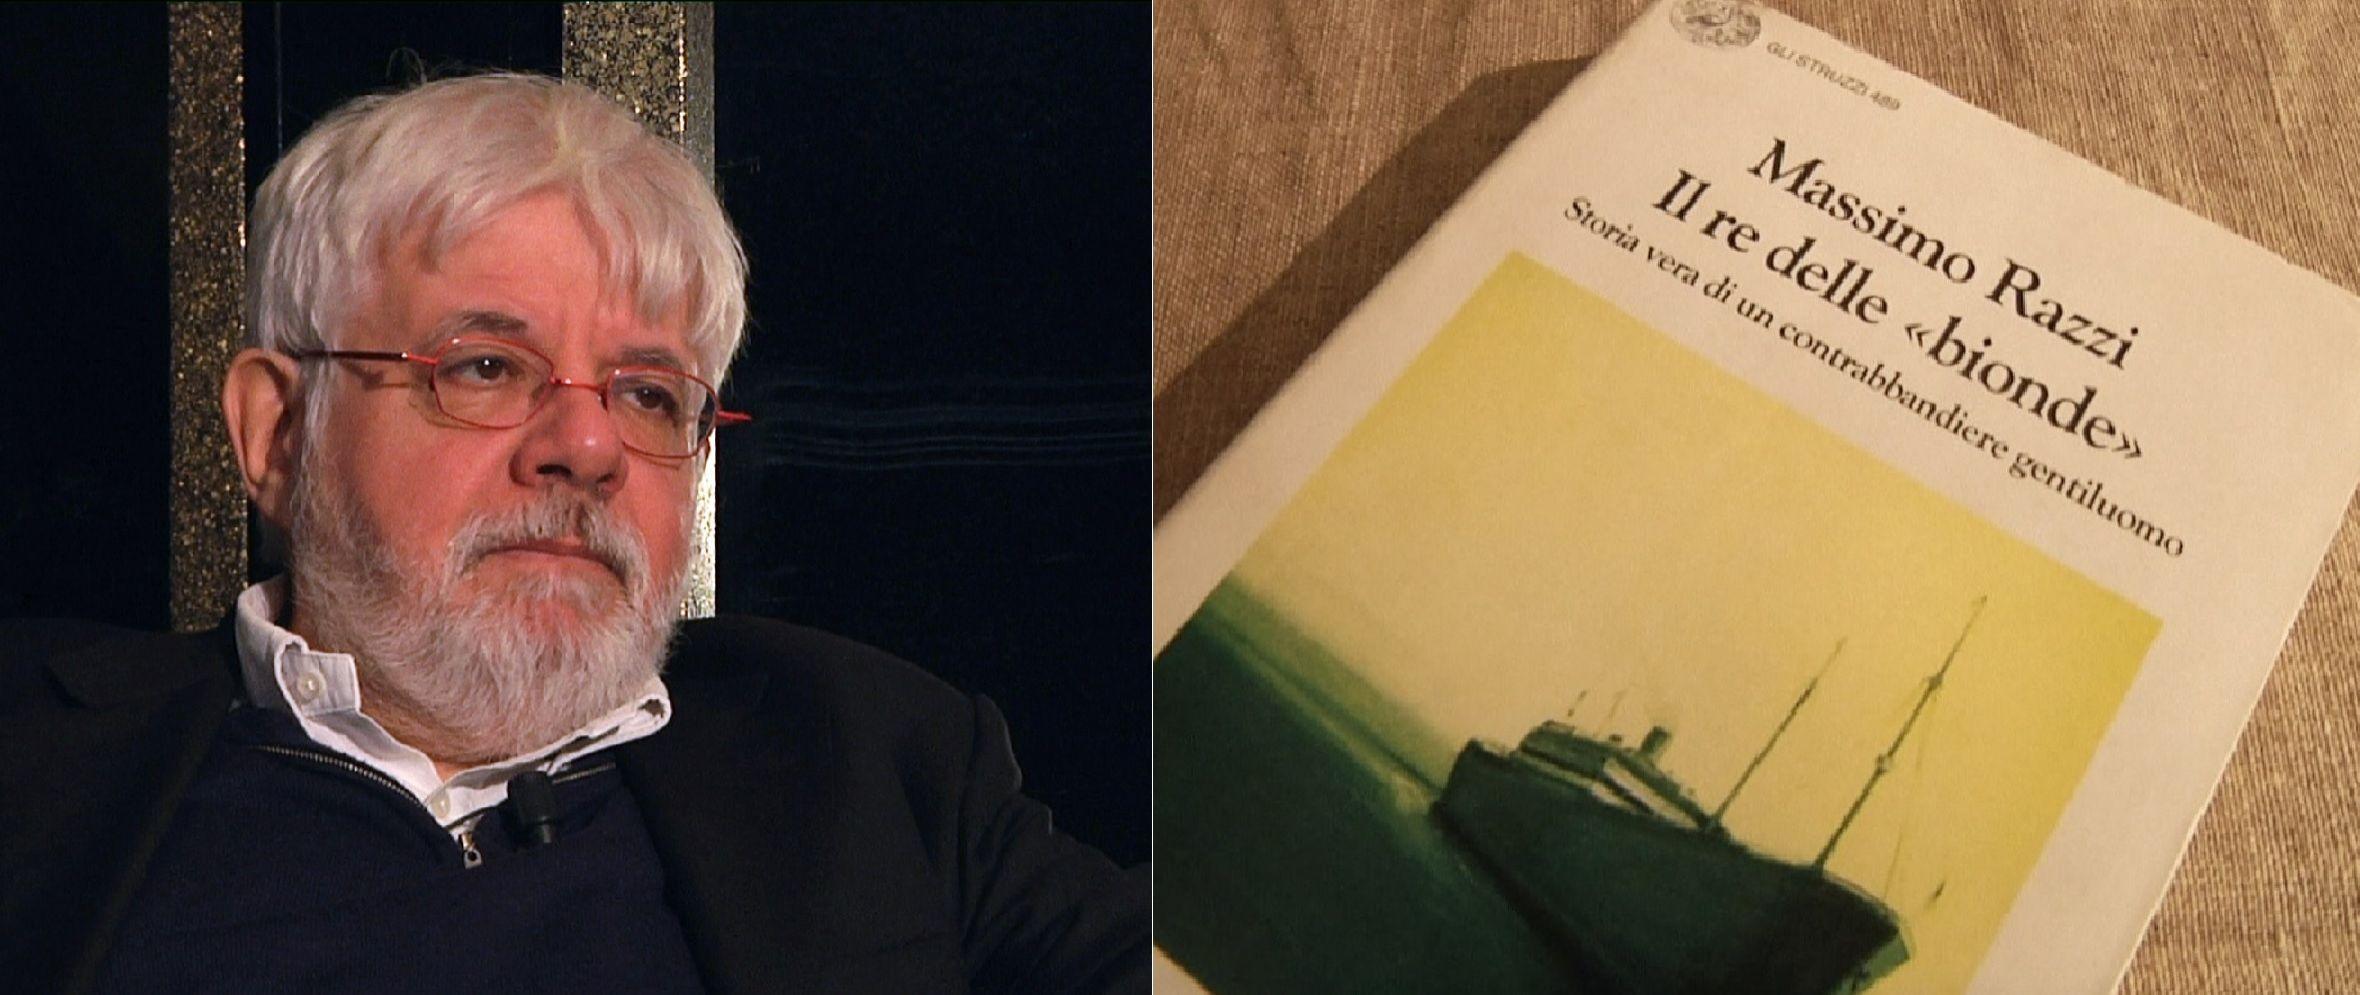 El periodista Massimo Razzi y su libro El Rey de la Rubia. Los vínculos entre el contrabando de cigarrillos y la mafia.